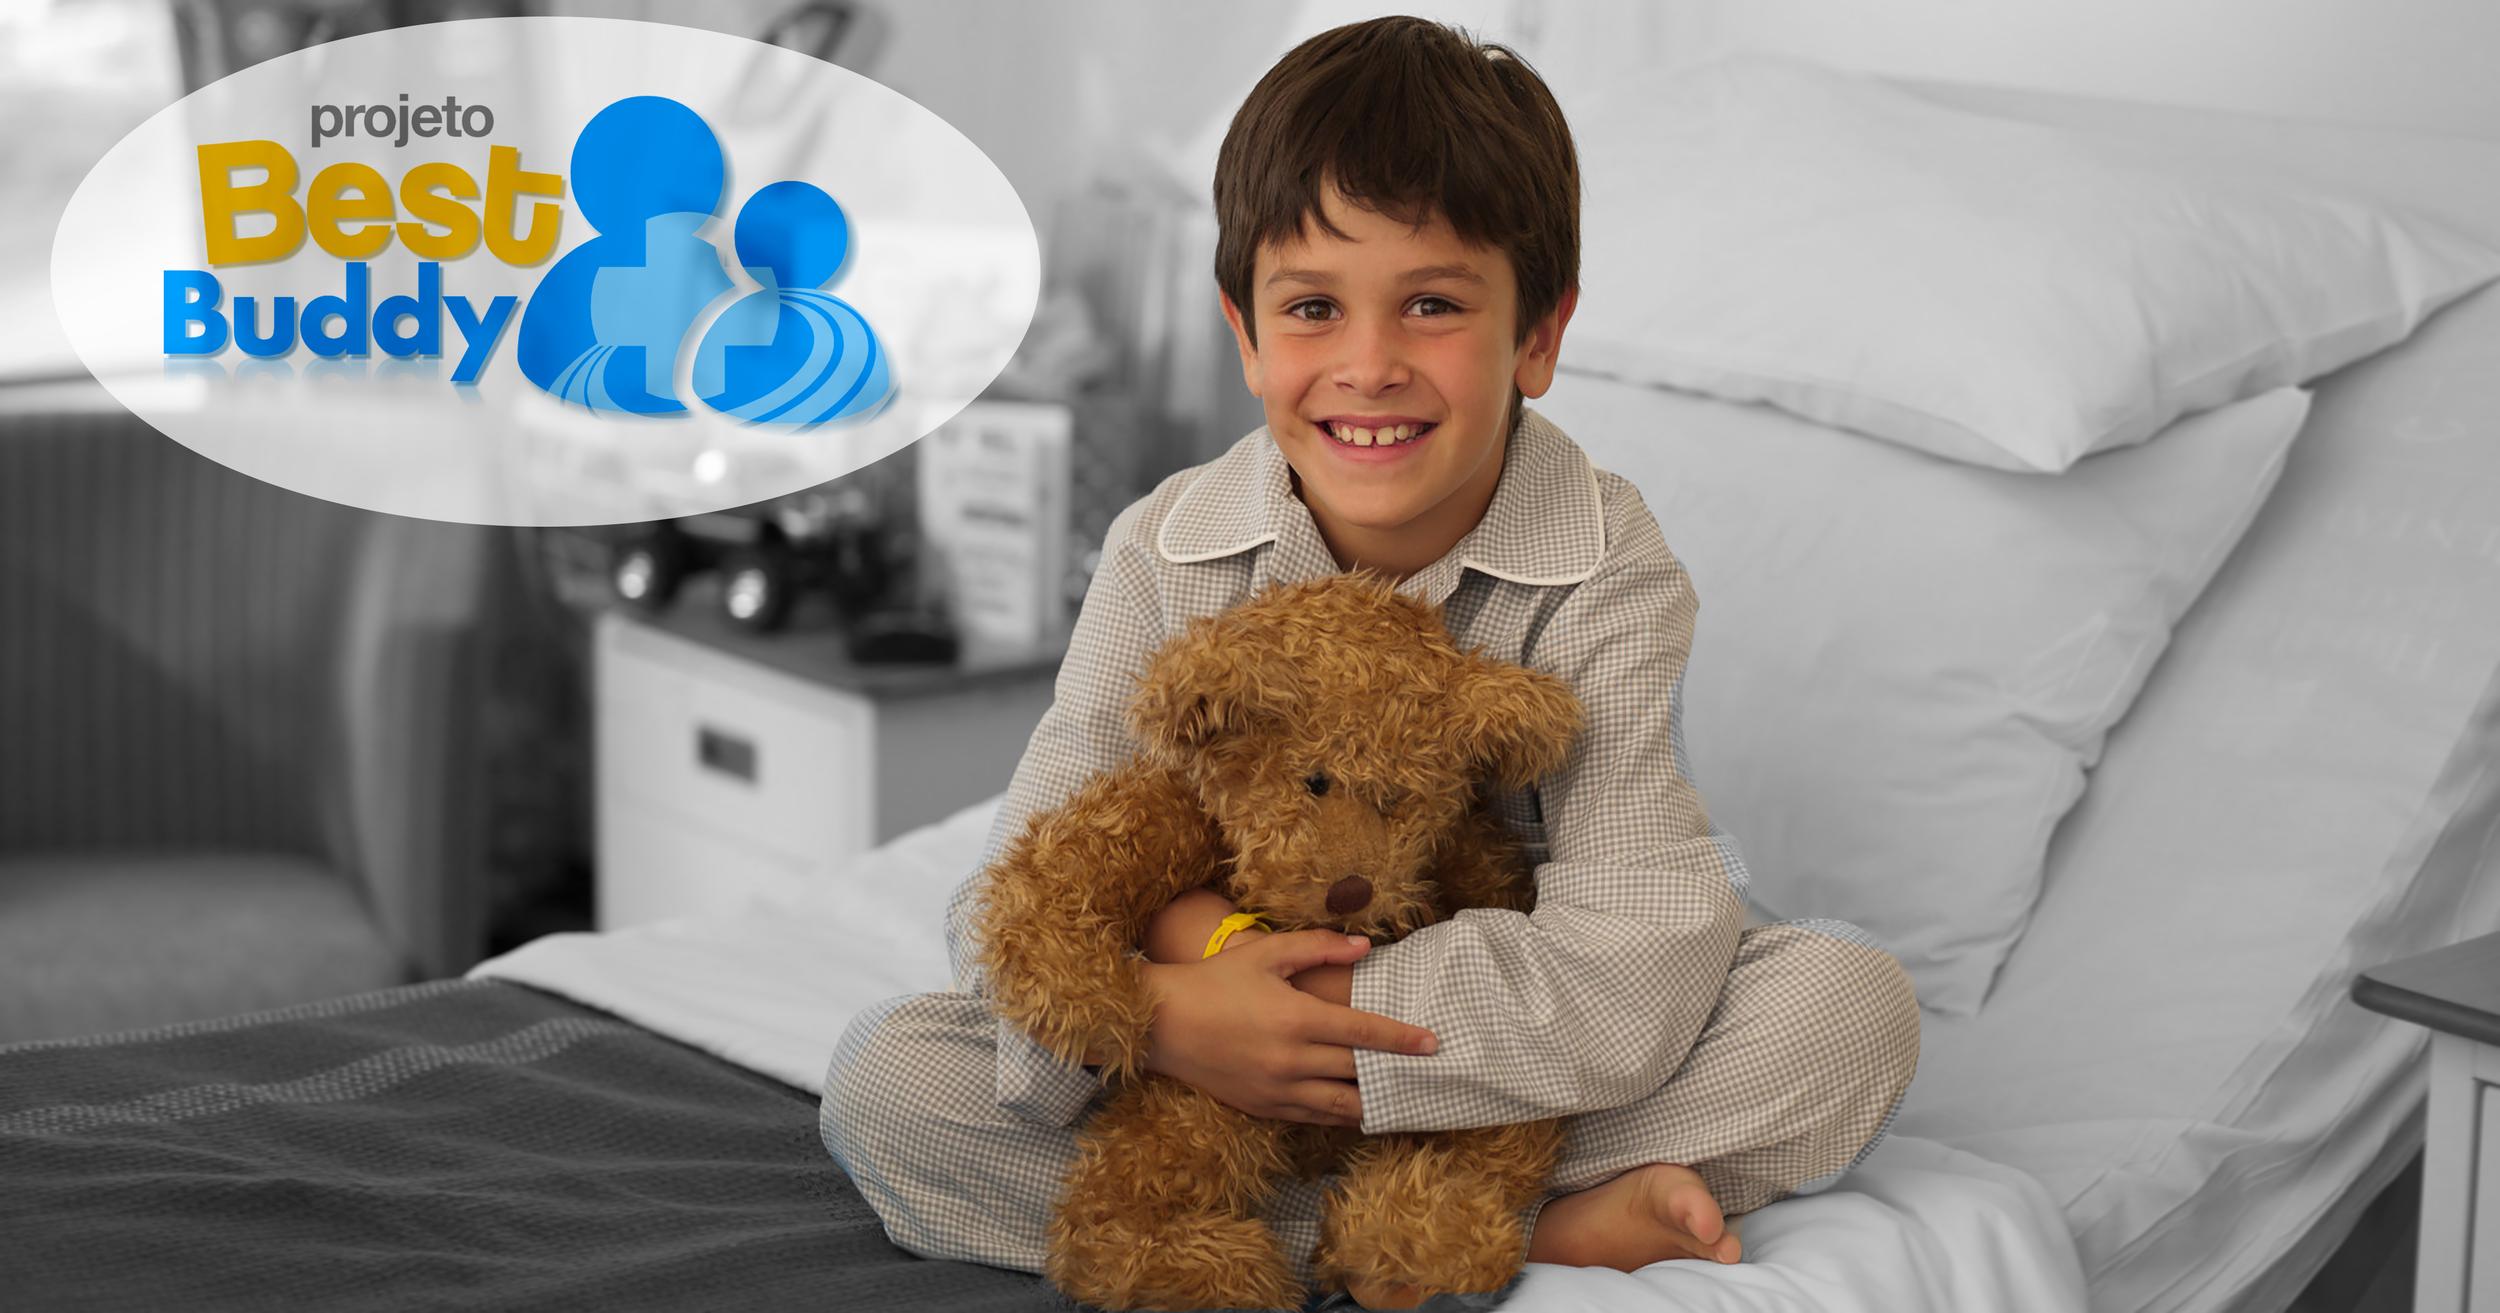 Projeto Best Buddy   Projeto da EMSA que visa promover uma relação benéfica entre uma criança internada e um aluno, com o objetivo de diminuir o desconforto inerente ao seu internamento hospitalar, contando com 3 edições ao longo do ano letivo.